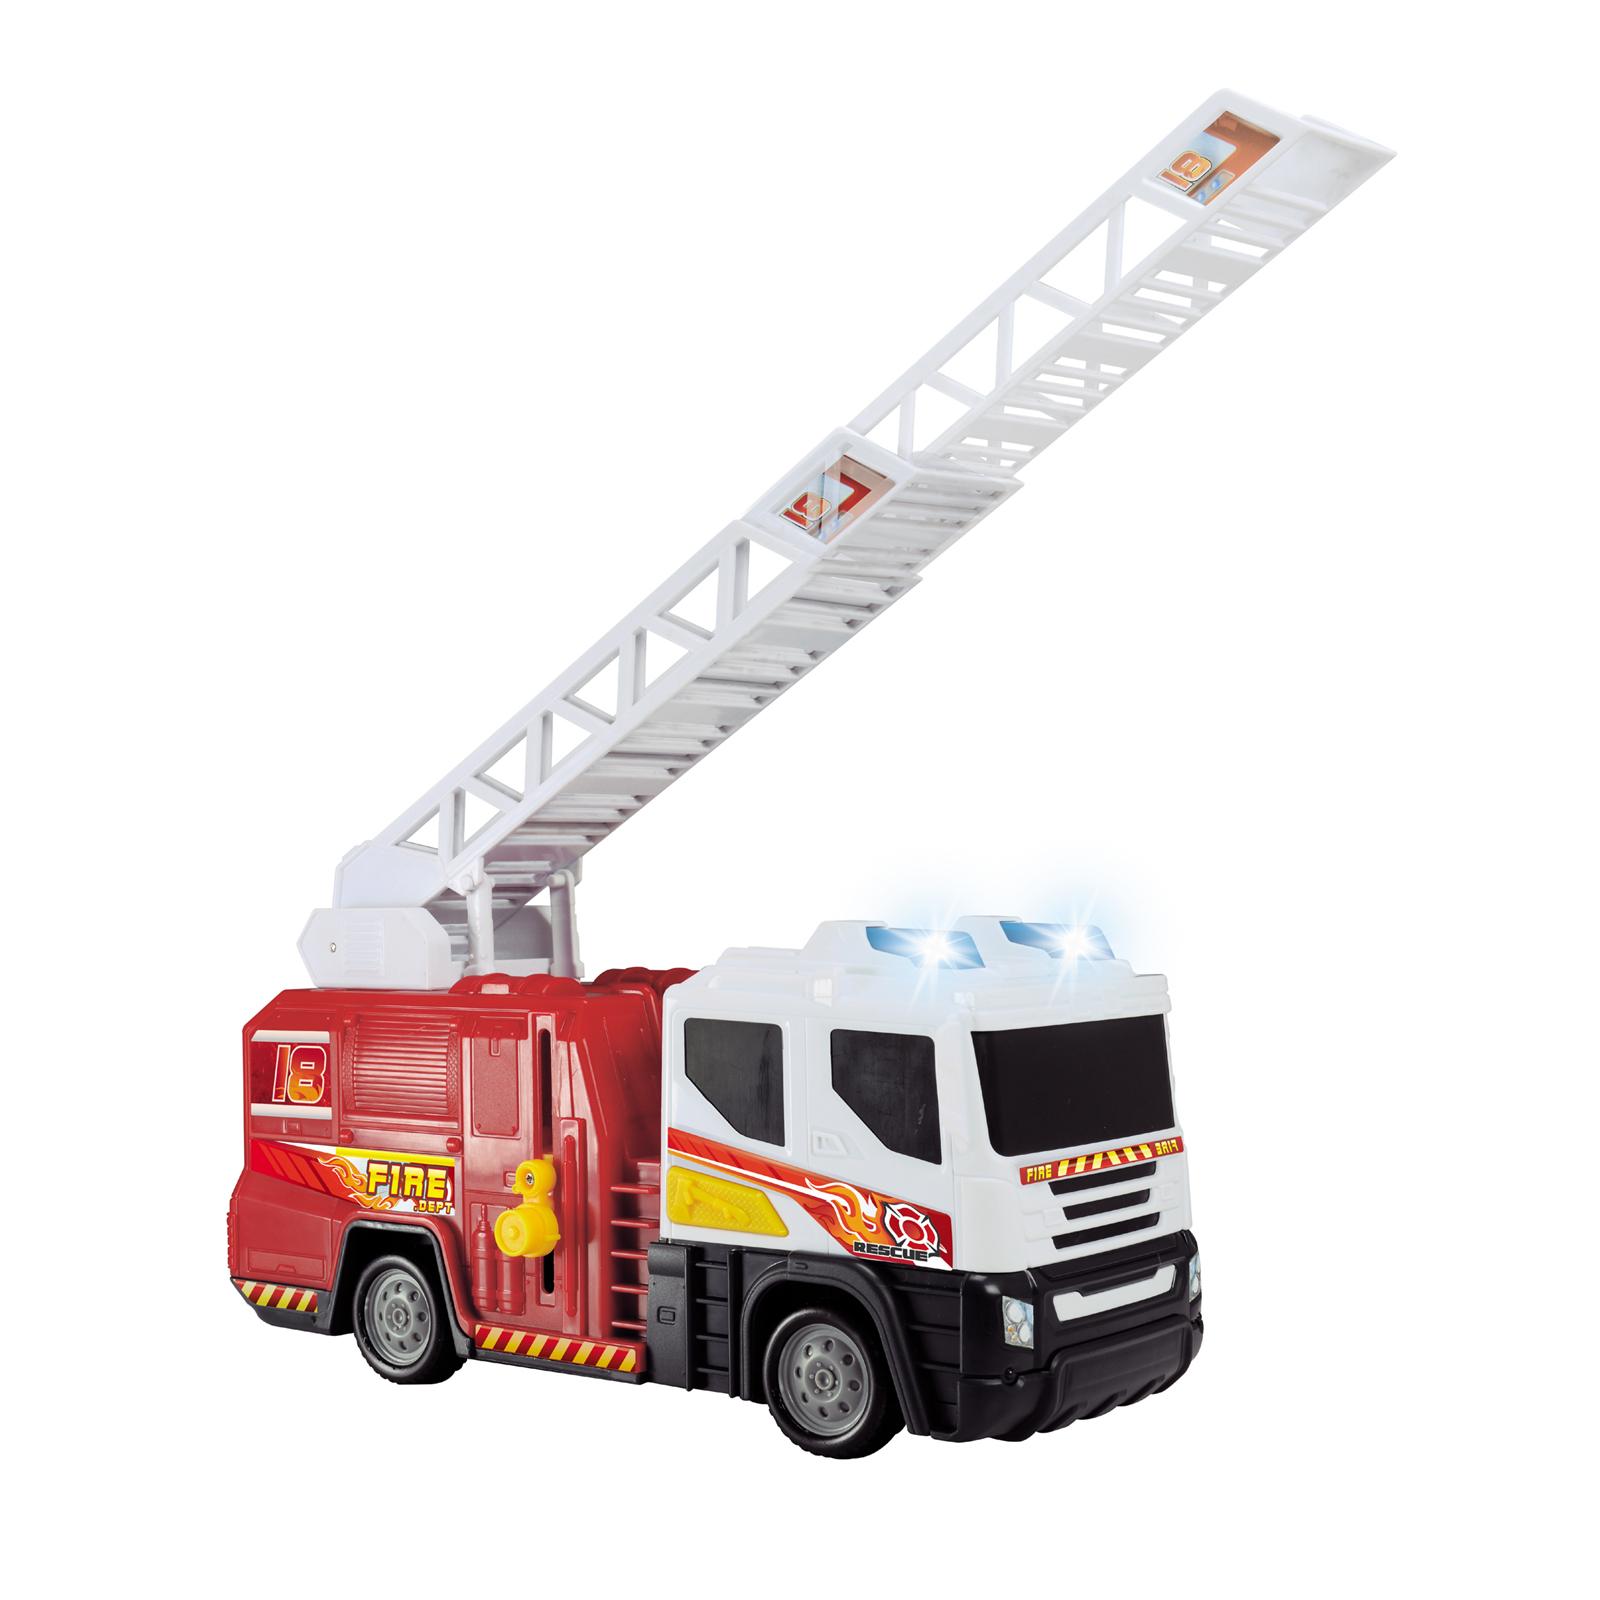 Пожарная машина со светом и звуком, 30 см.Пожарная техника, машины<br>Пожарная машина со светом и звуком, 30 см.<br>